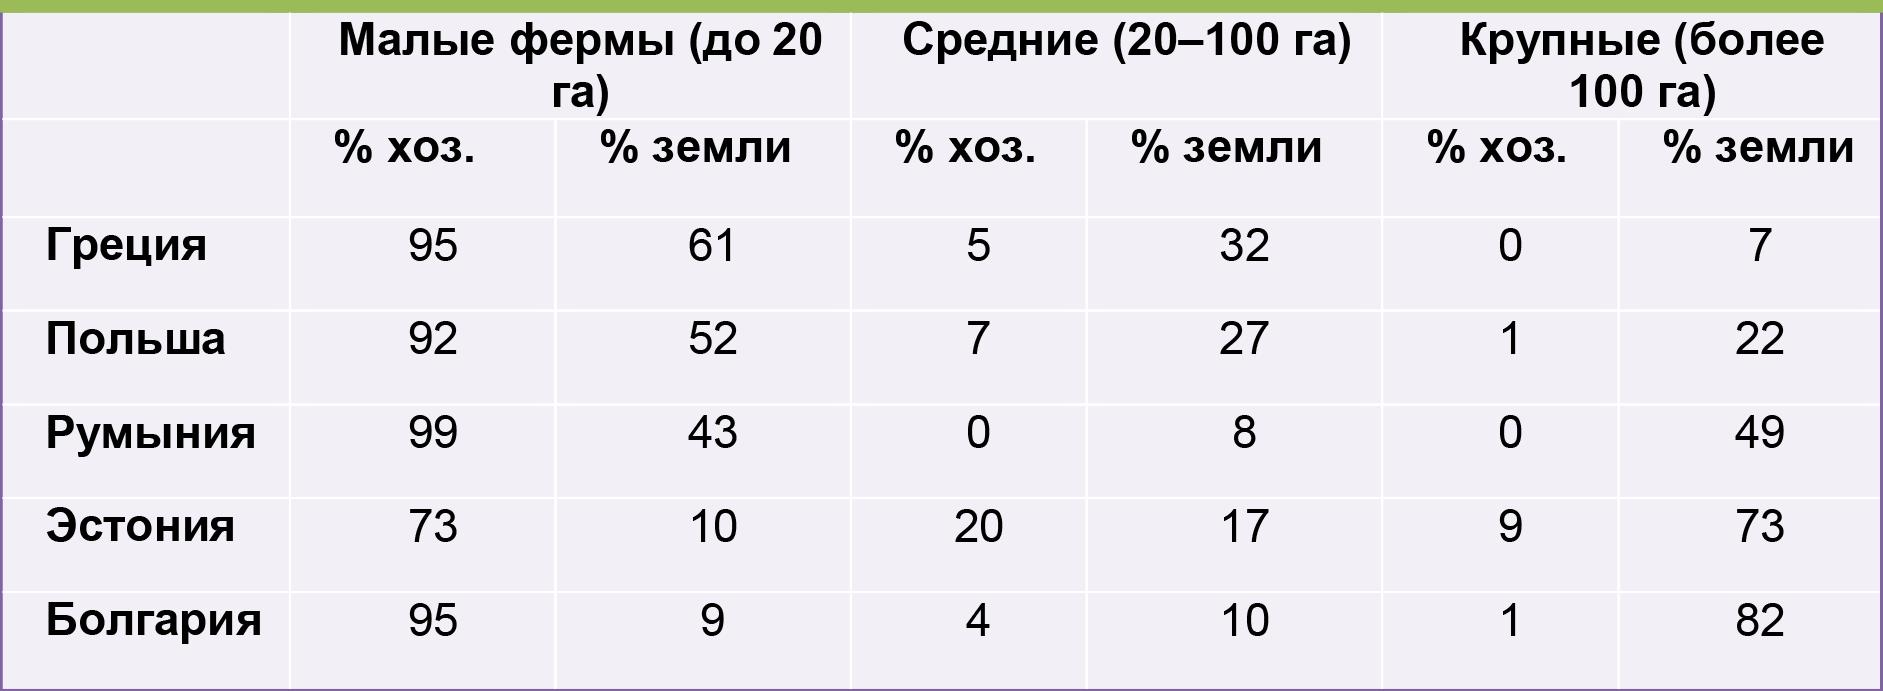 Распределение земельных ресурсов в странах Восточной Европы, 2010 г.